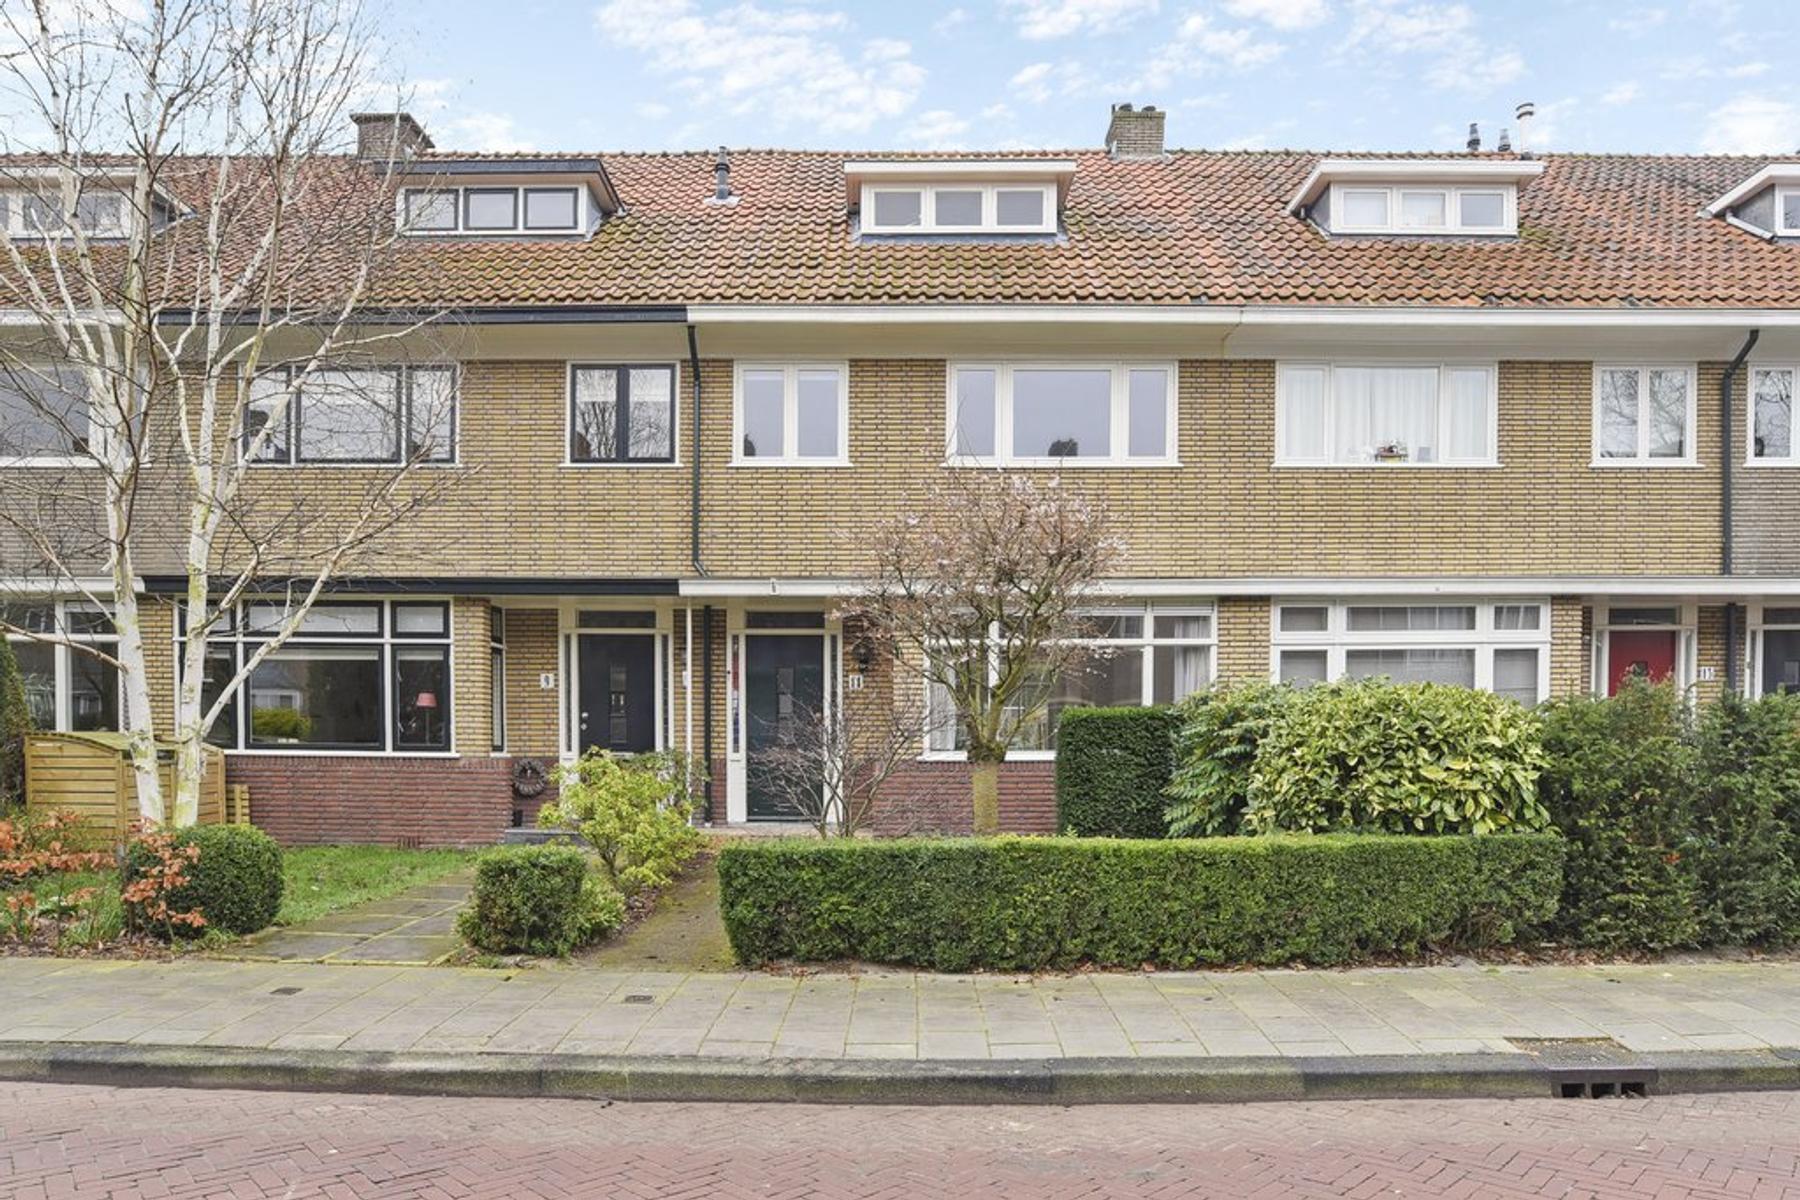 Hogerbeetsstraat 11 in Wassenaar 2242 TP